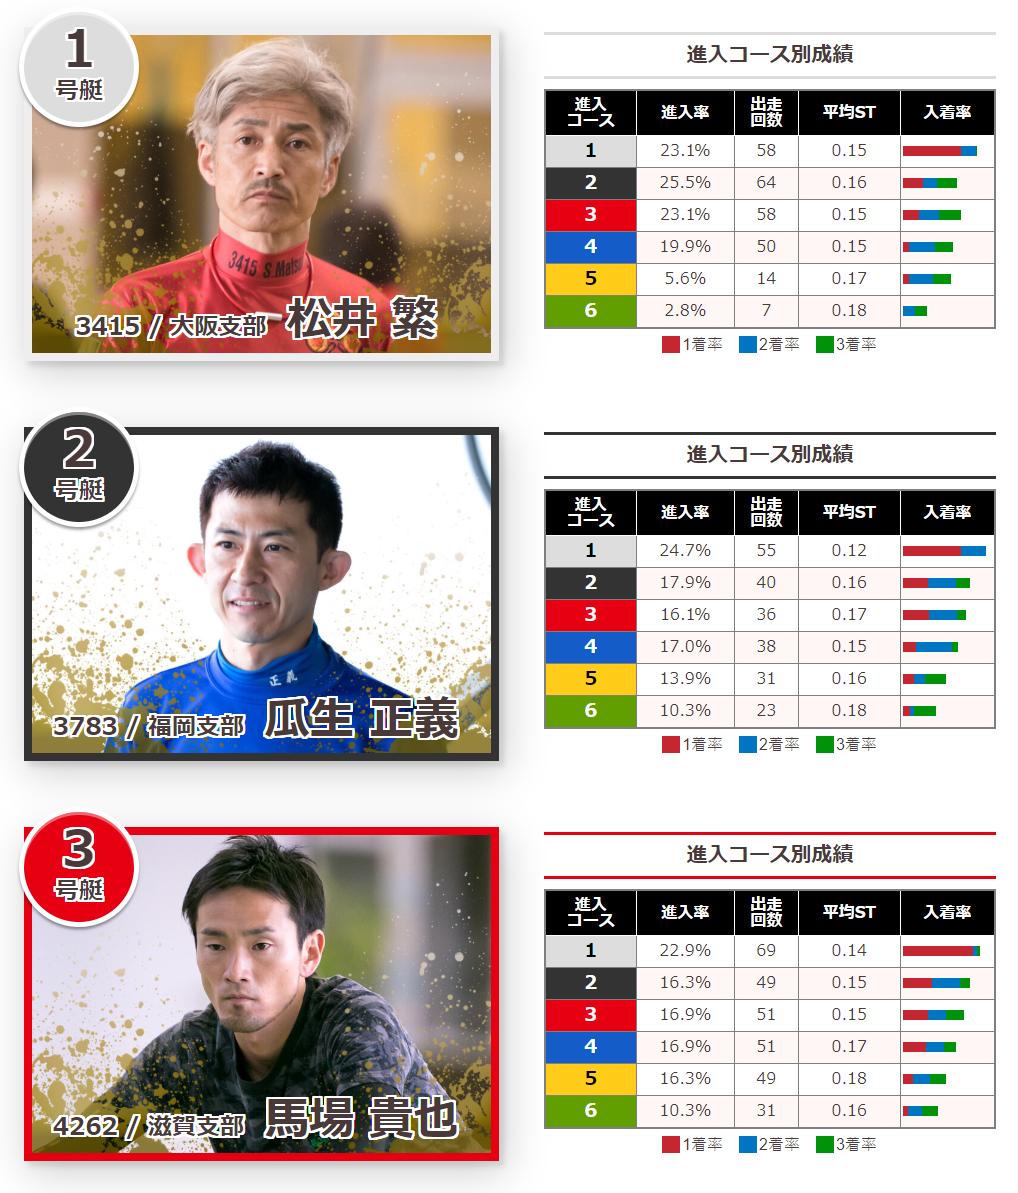 2019びわこ大賞(G1) ドリーム1st出場選手 松井繁、瓜生正義、馬場貴也